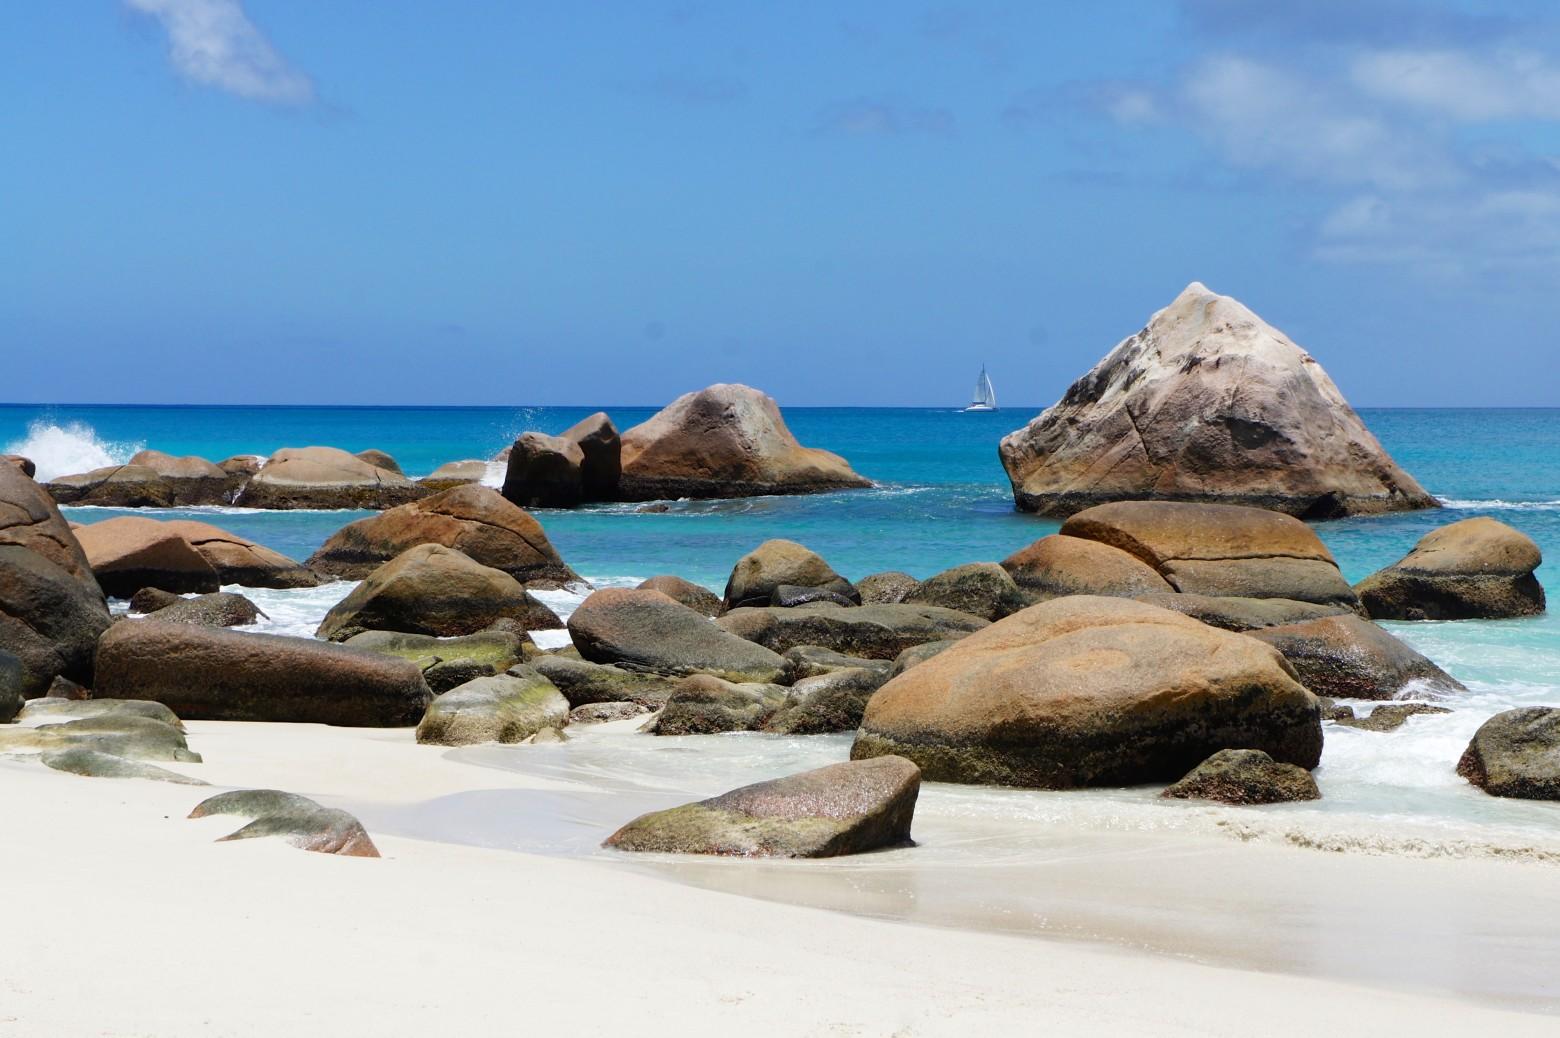 Fond D Ecran Mer Plage Ocean Paysage Ciel Bleu Photos Gratuites Images Gratuites Et Libres De Droits